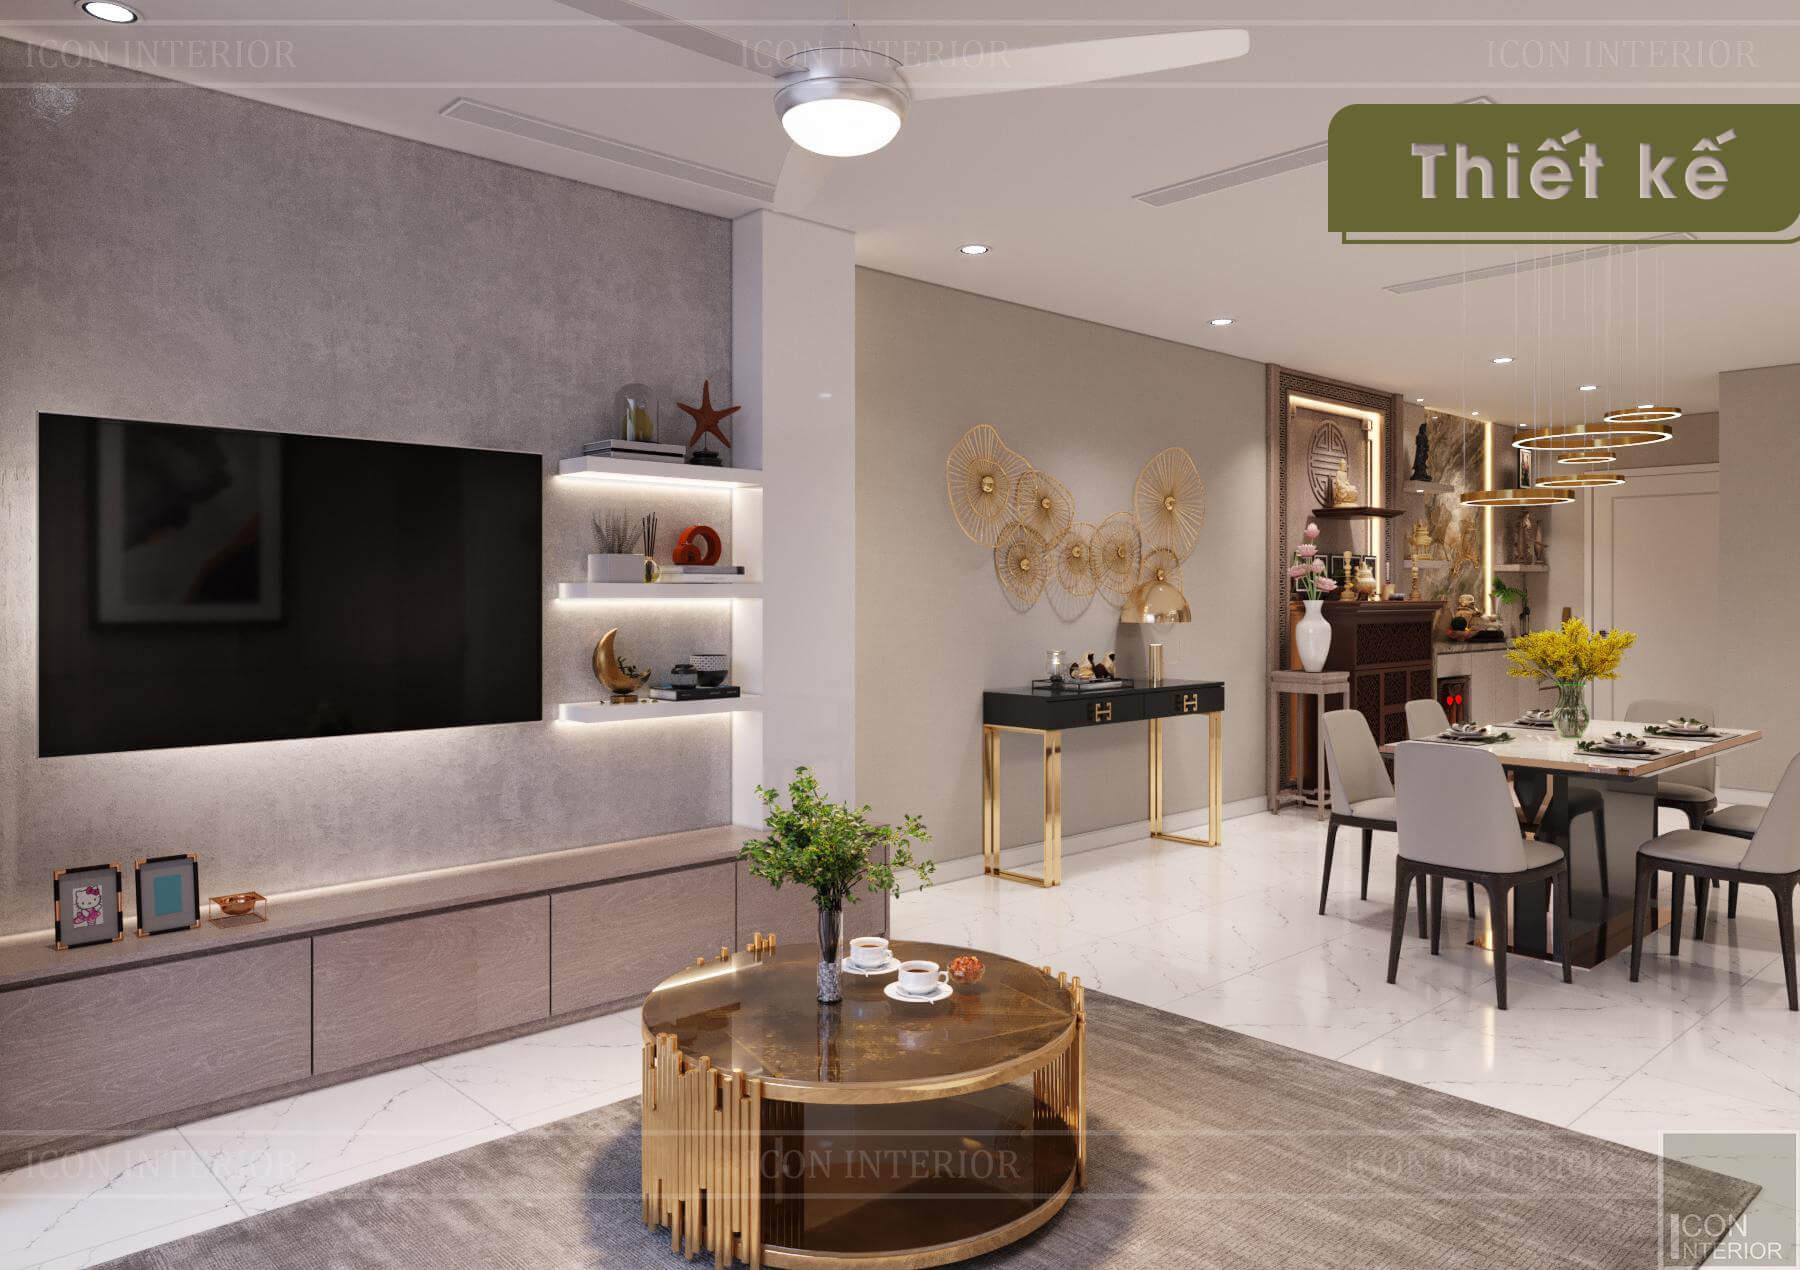 Thiết kế nội thất 3D Landmark 1 - phòng khách